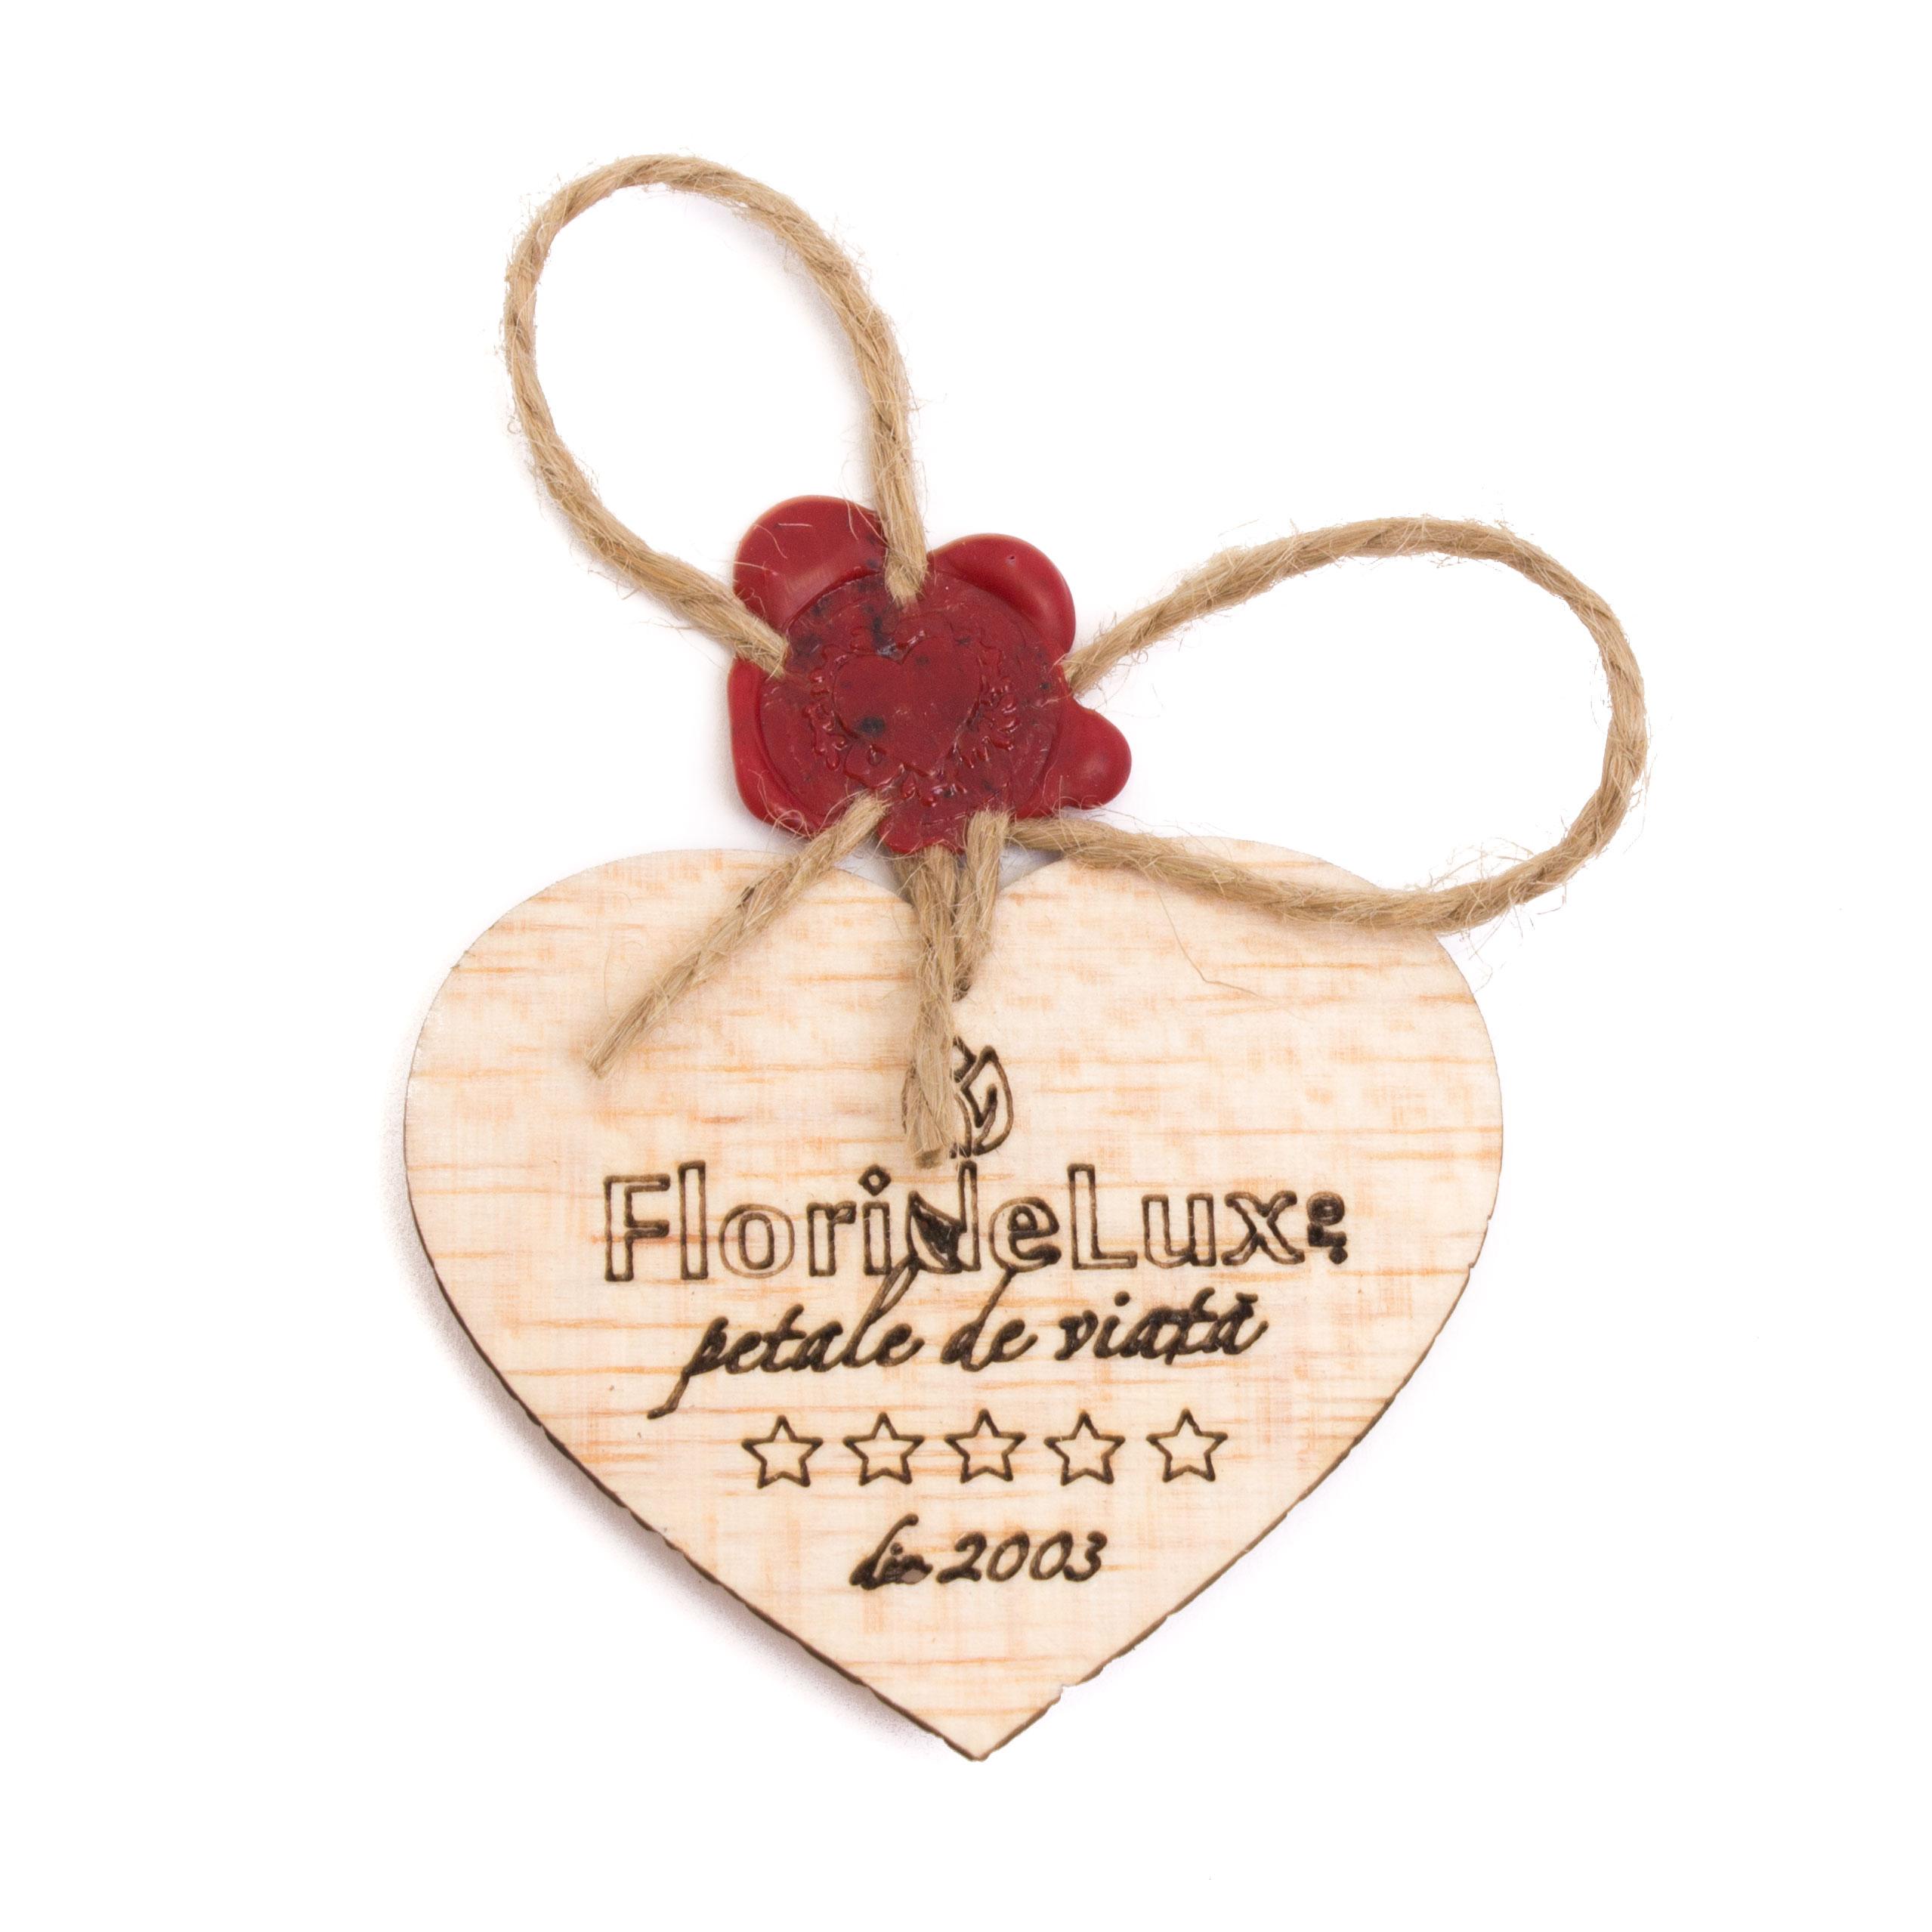 sigiliu floridelux, inima floridelux